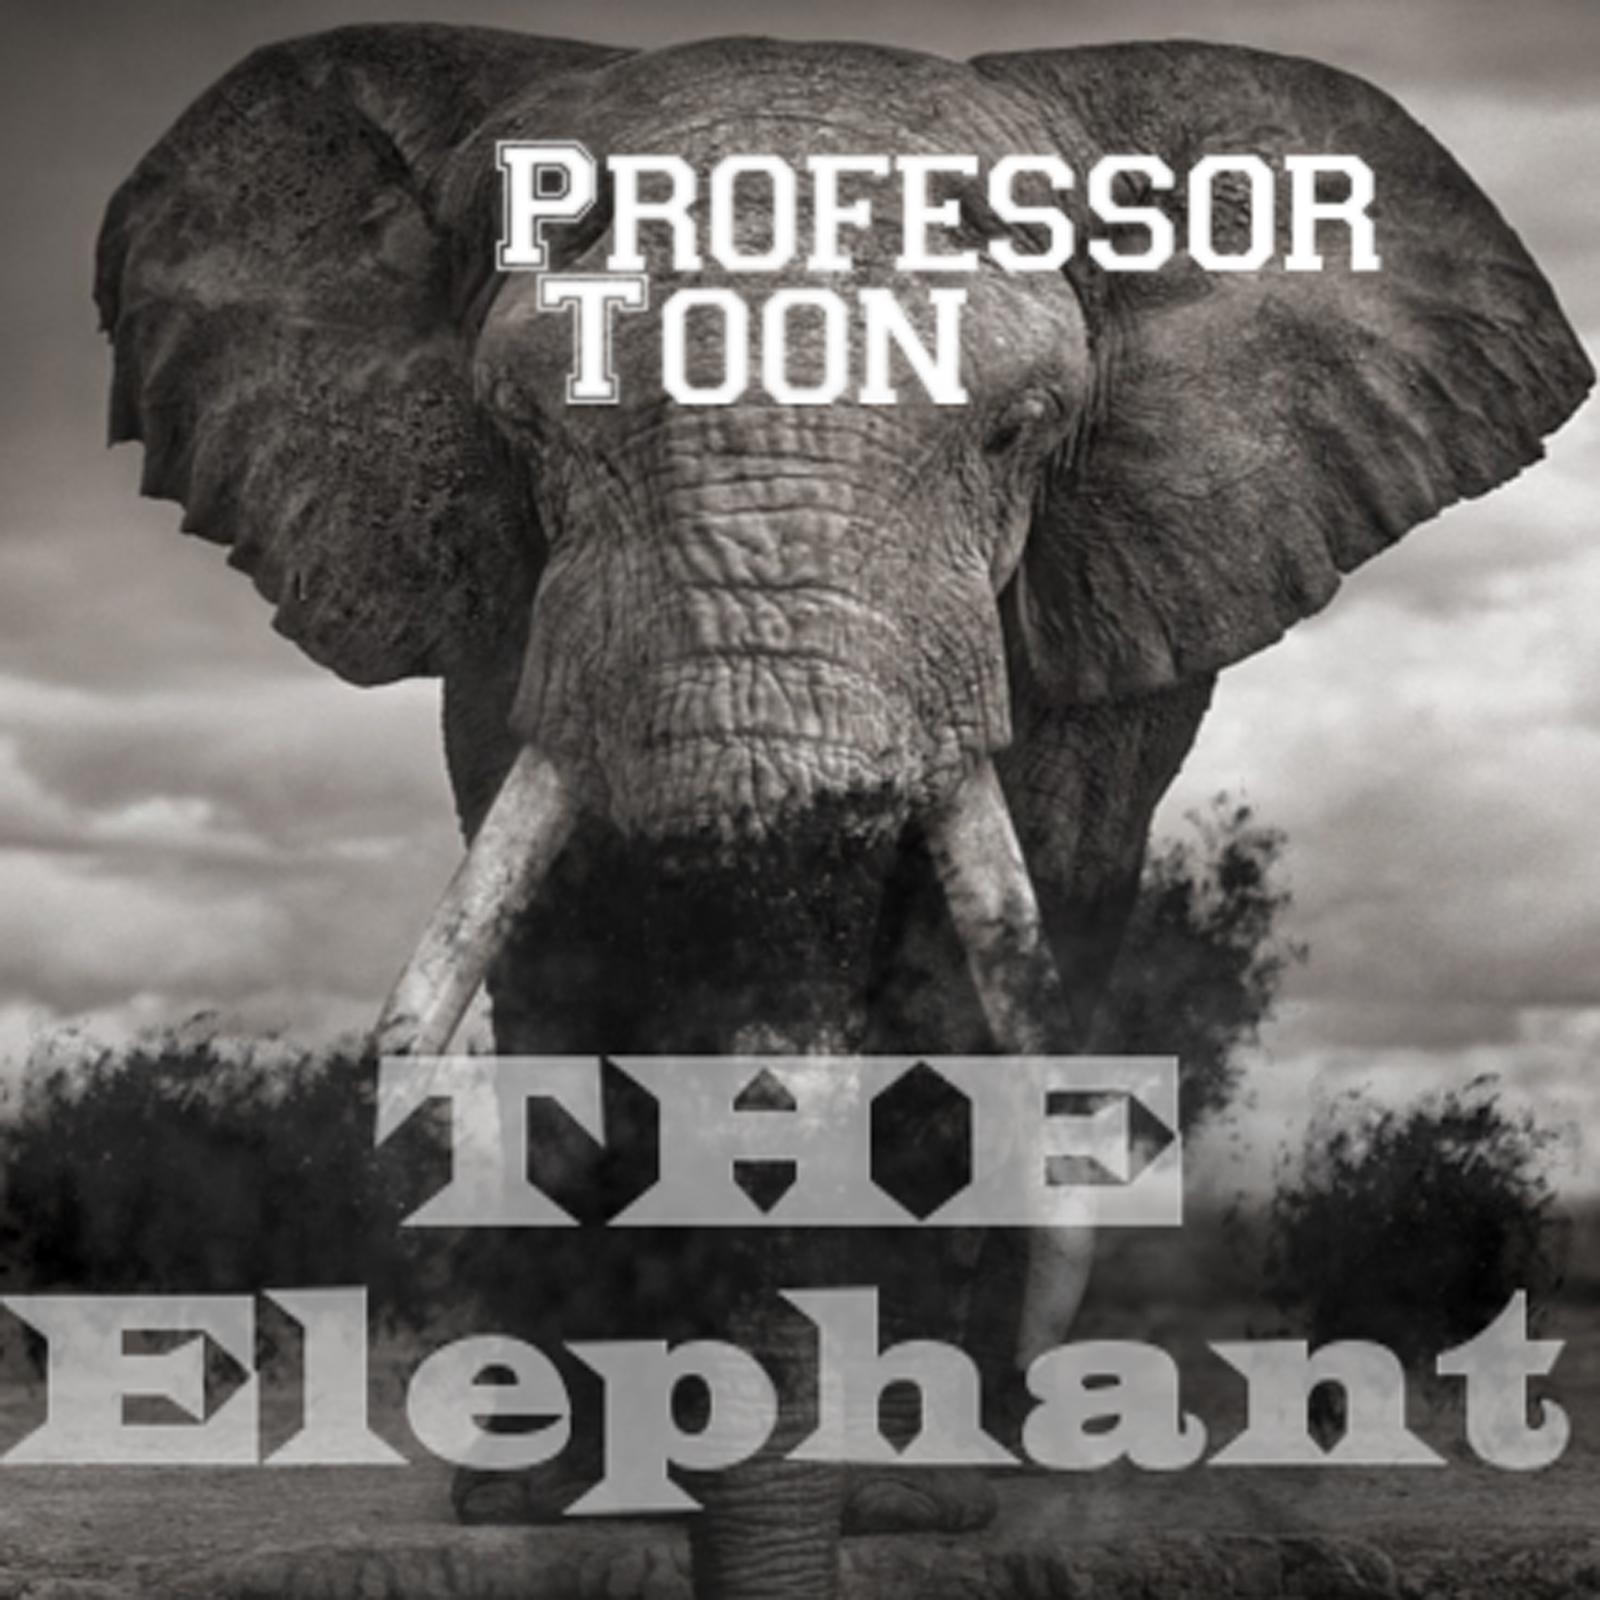 Professor Toon -